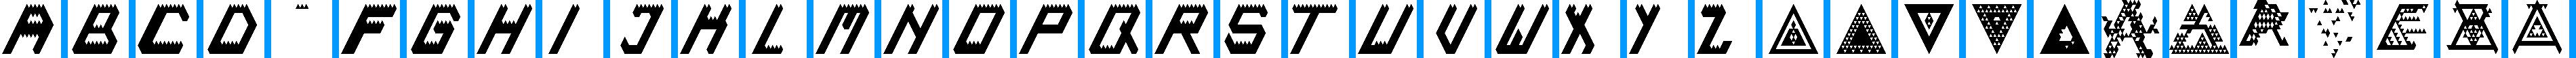 Particip-a-type v.221